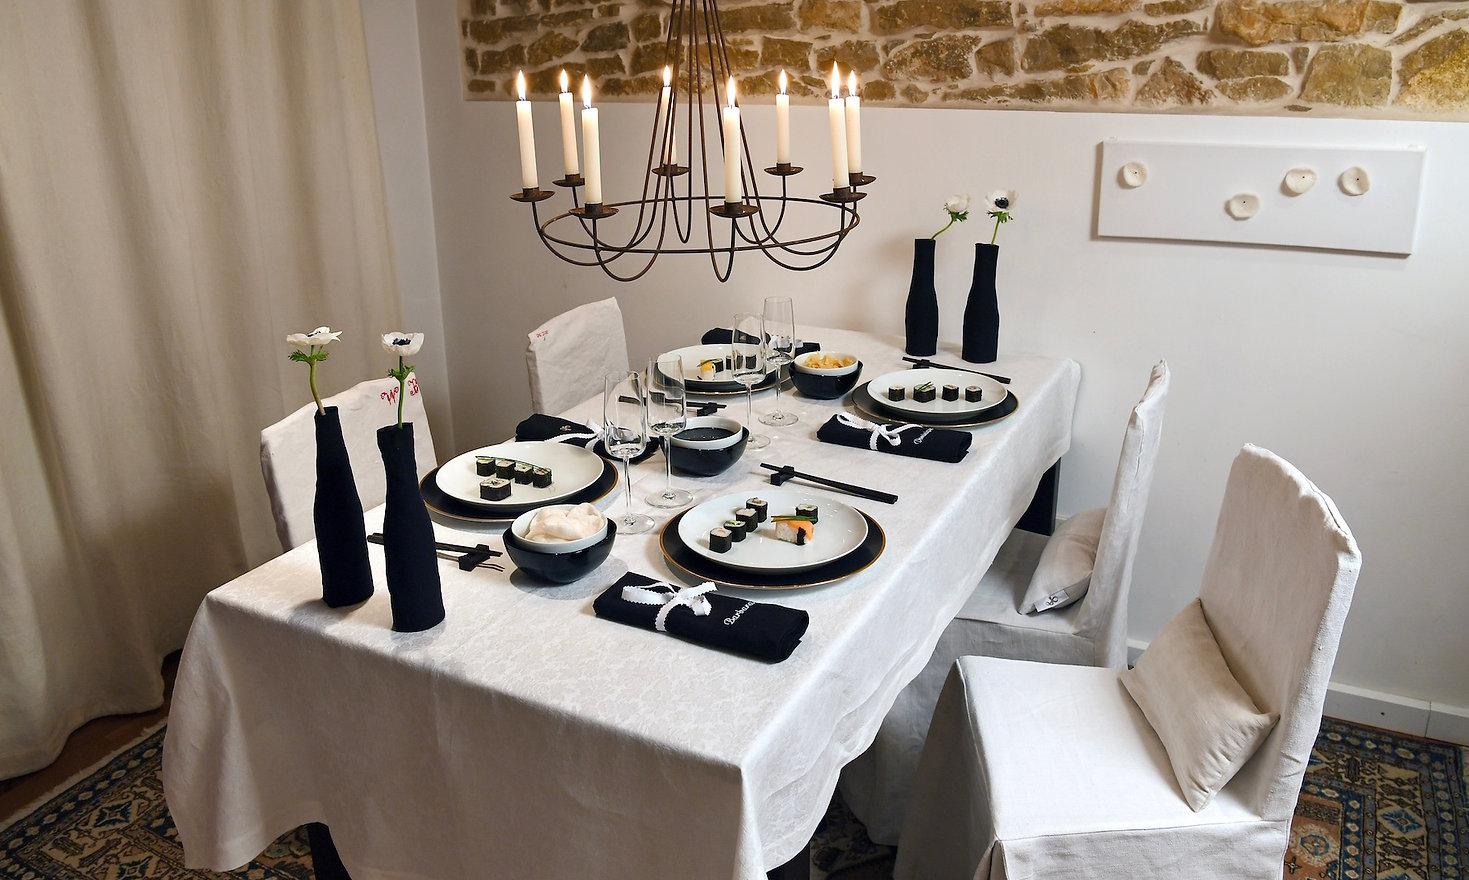 Tischdeko schwarz weiß aus Leinen